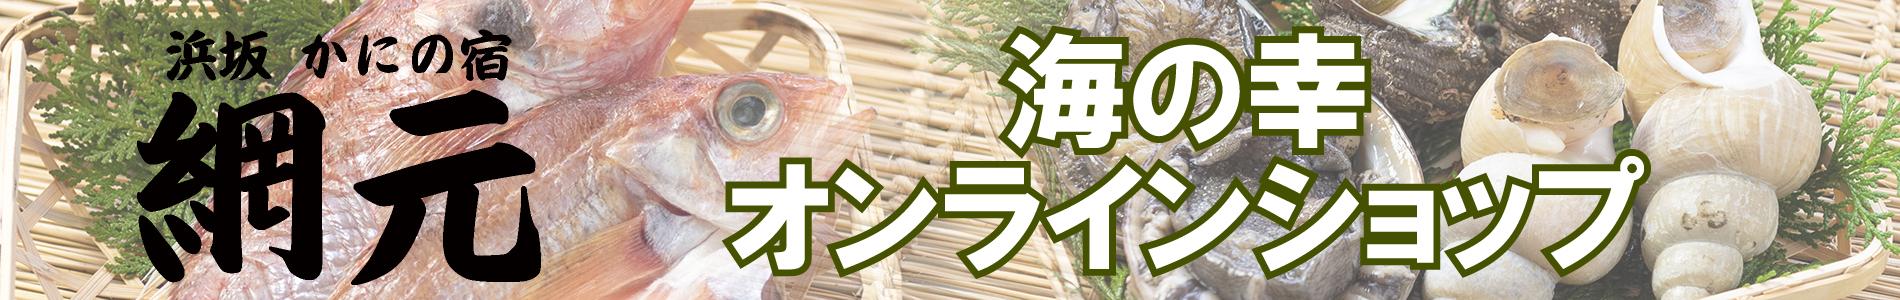 網元 浜坂海の幸オンラインショップ